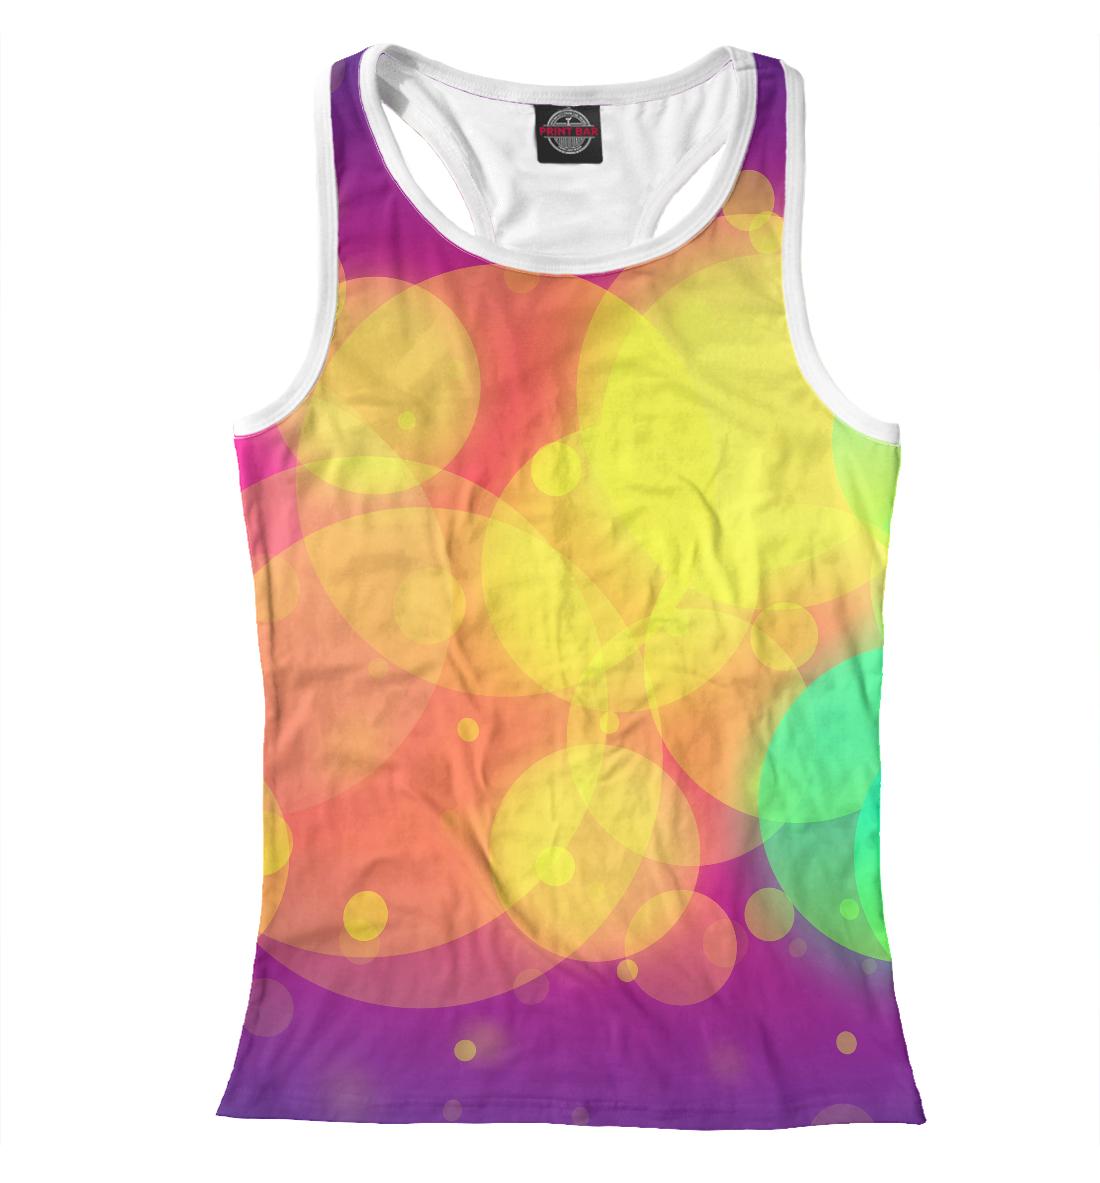 Купить Цветные блики, Printbar, Майки борцовки, APD-940431-mayb-1